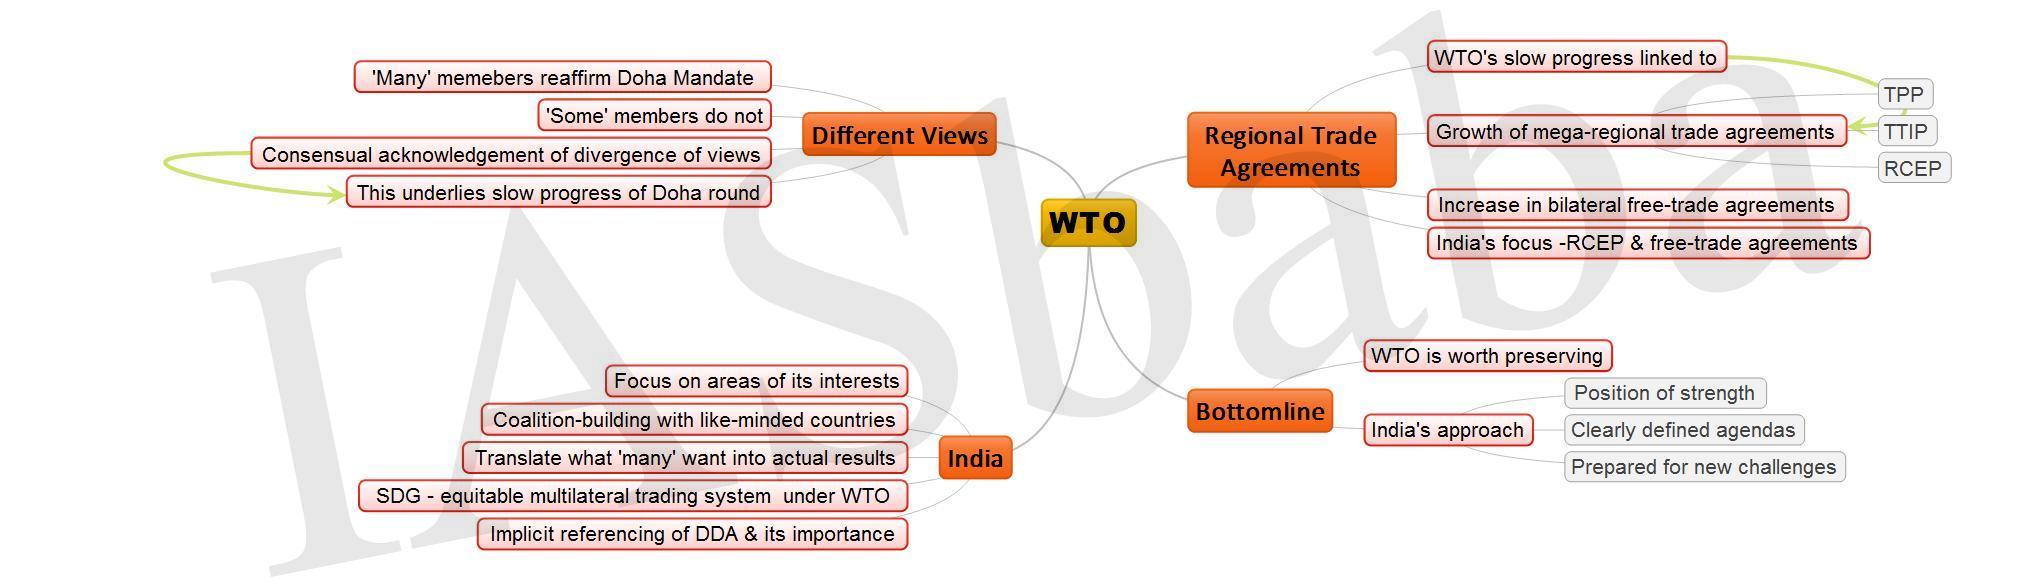 WTO JPG